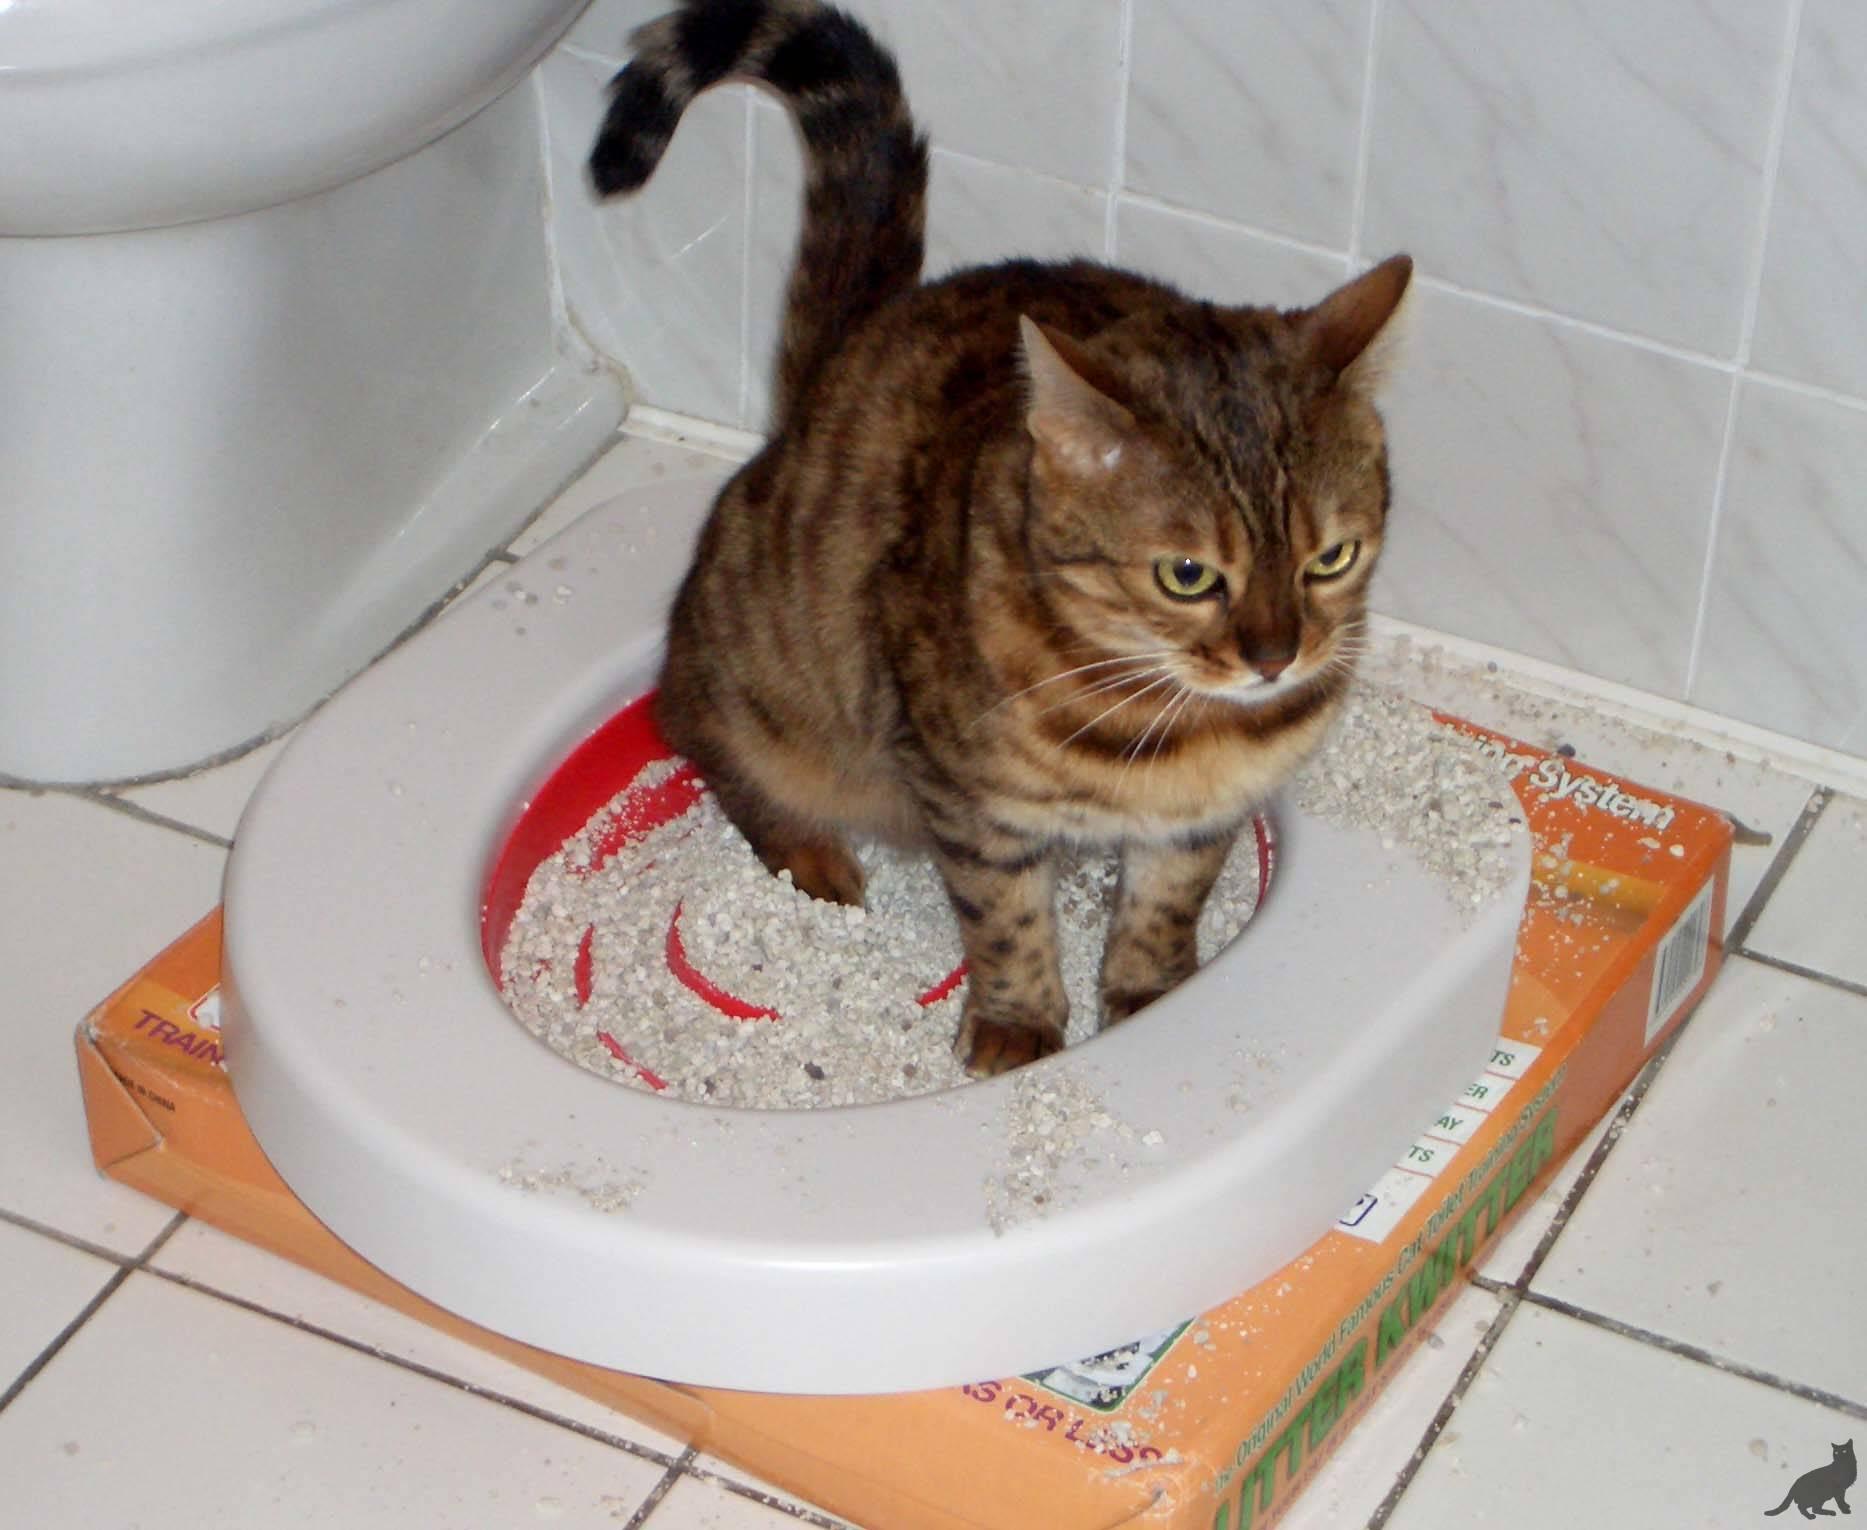 Кошка часто ходит в туалет по маленькому по чуть-чуть: часто пьёт